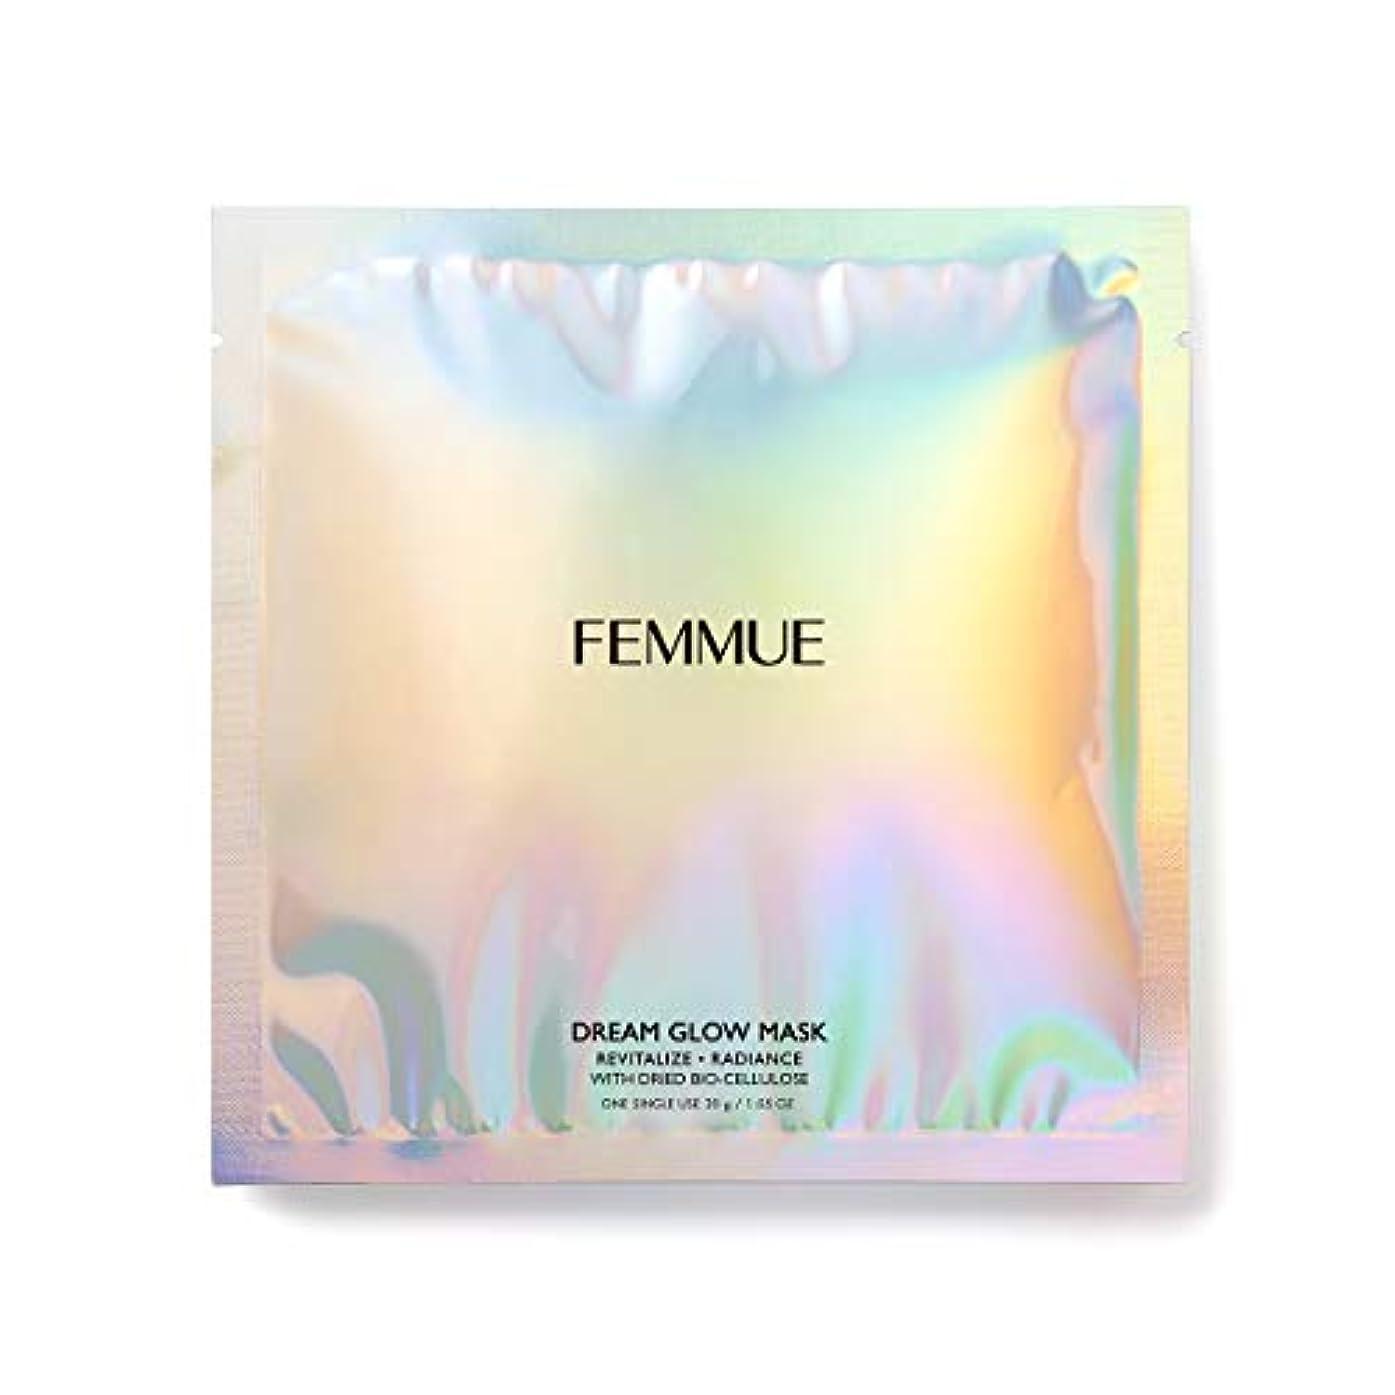 FEMMUE(ファミュ) ドリームグロウマスクRR[透明感?キメ]30mL×6枚入 日本正規品 ネロリ(RR)[透明感?キメ]